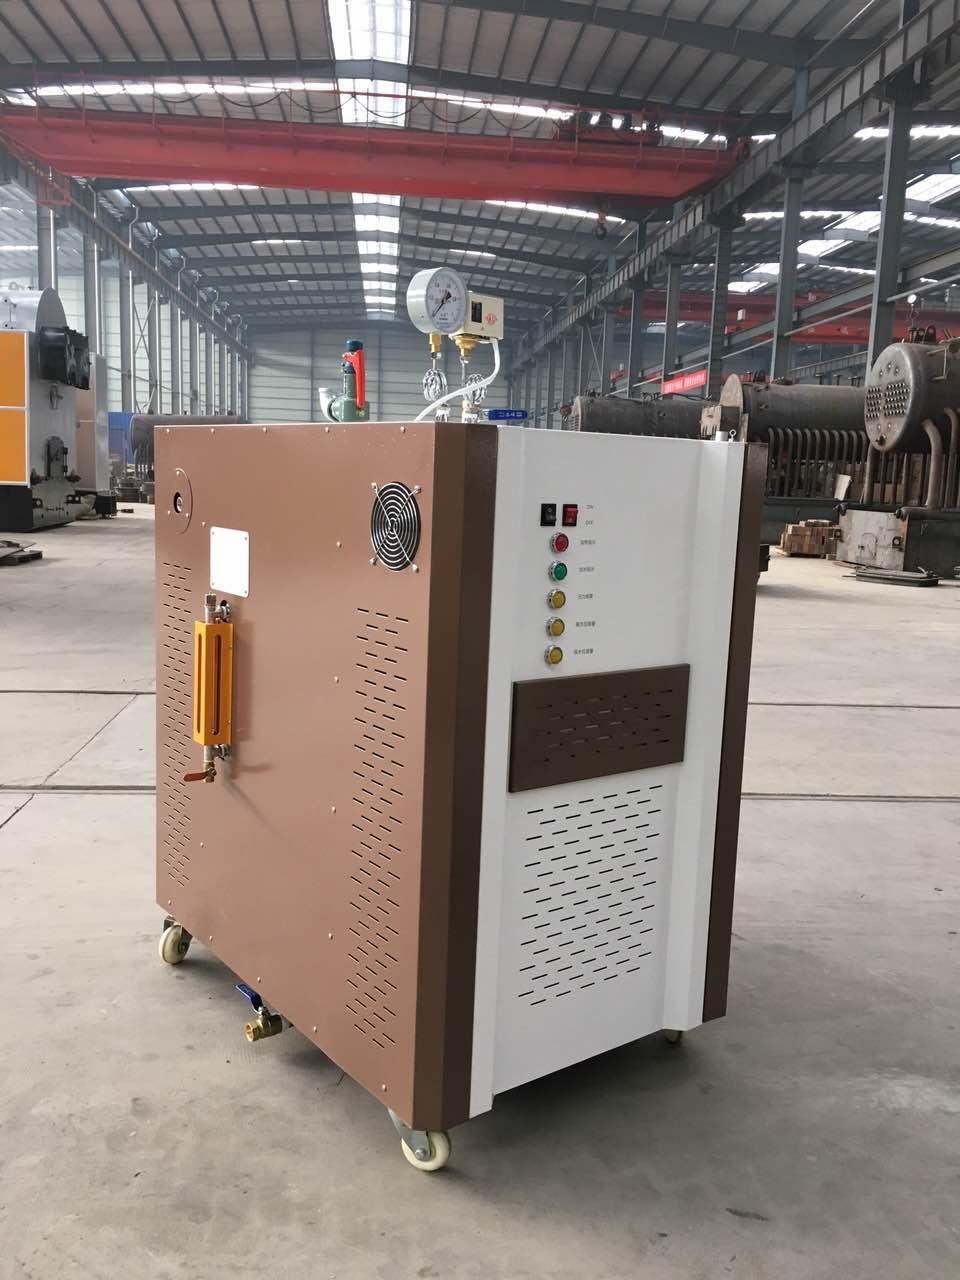 供应电蒸汽发生器/100kg立式蒸汽发生器生产厂家/立式蒸汽发生器厂家直销/电蒸汽发生器